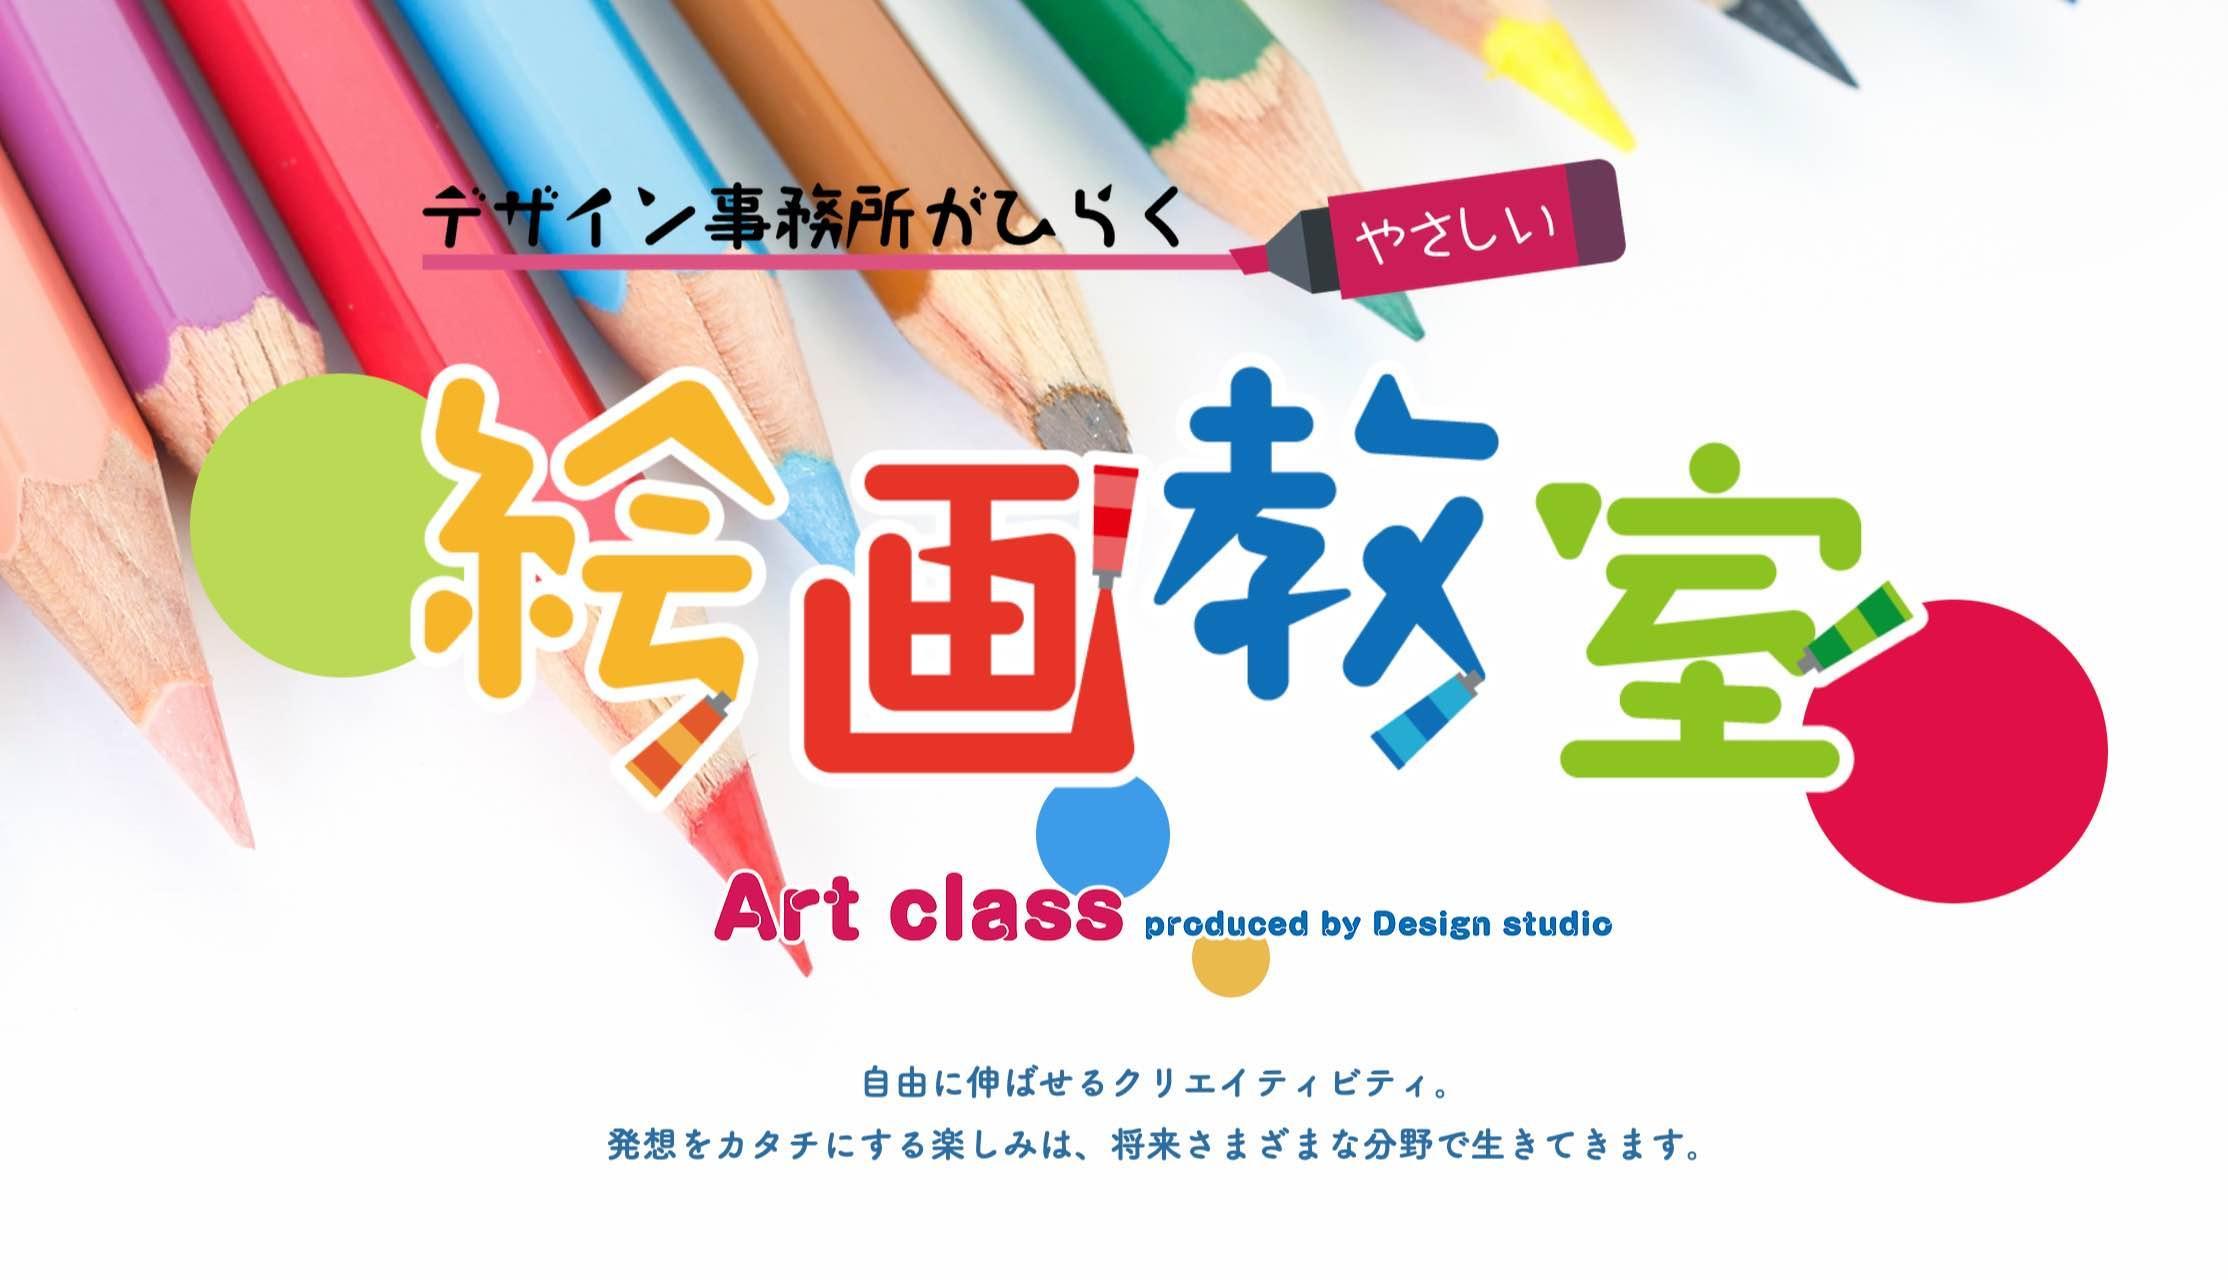 デザイン事務所がひらく、やさしいマンツーマン絵画教室